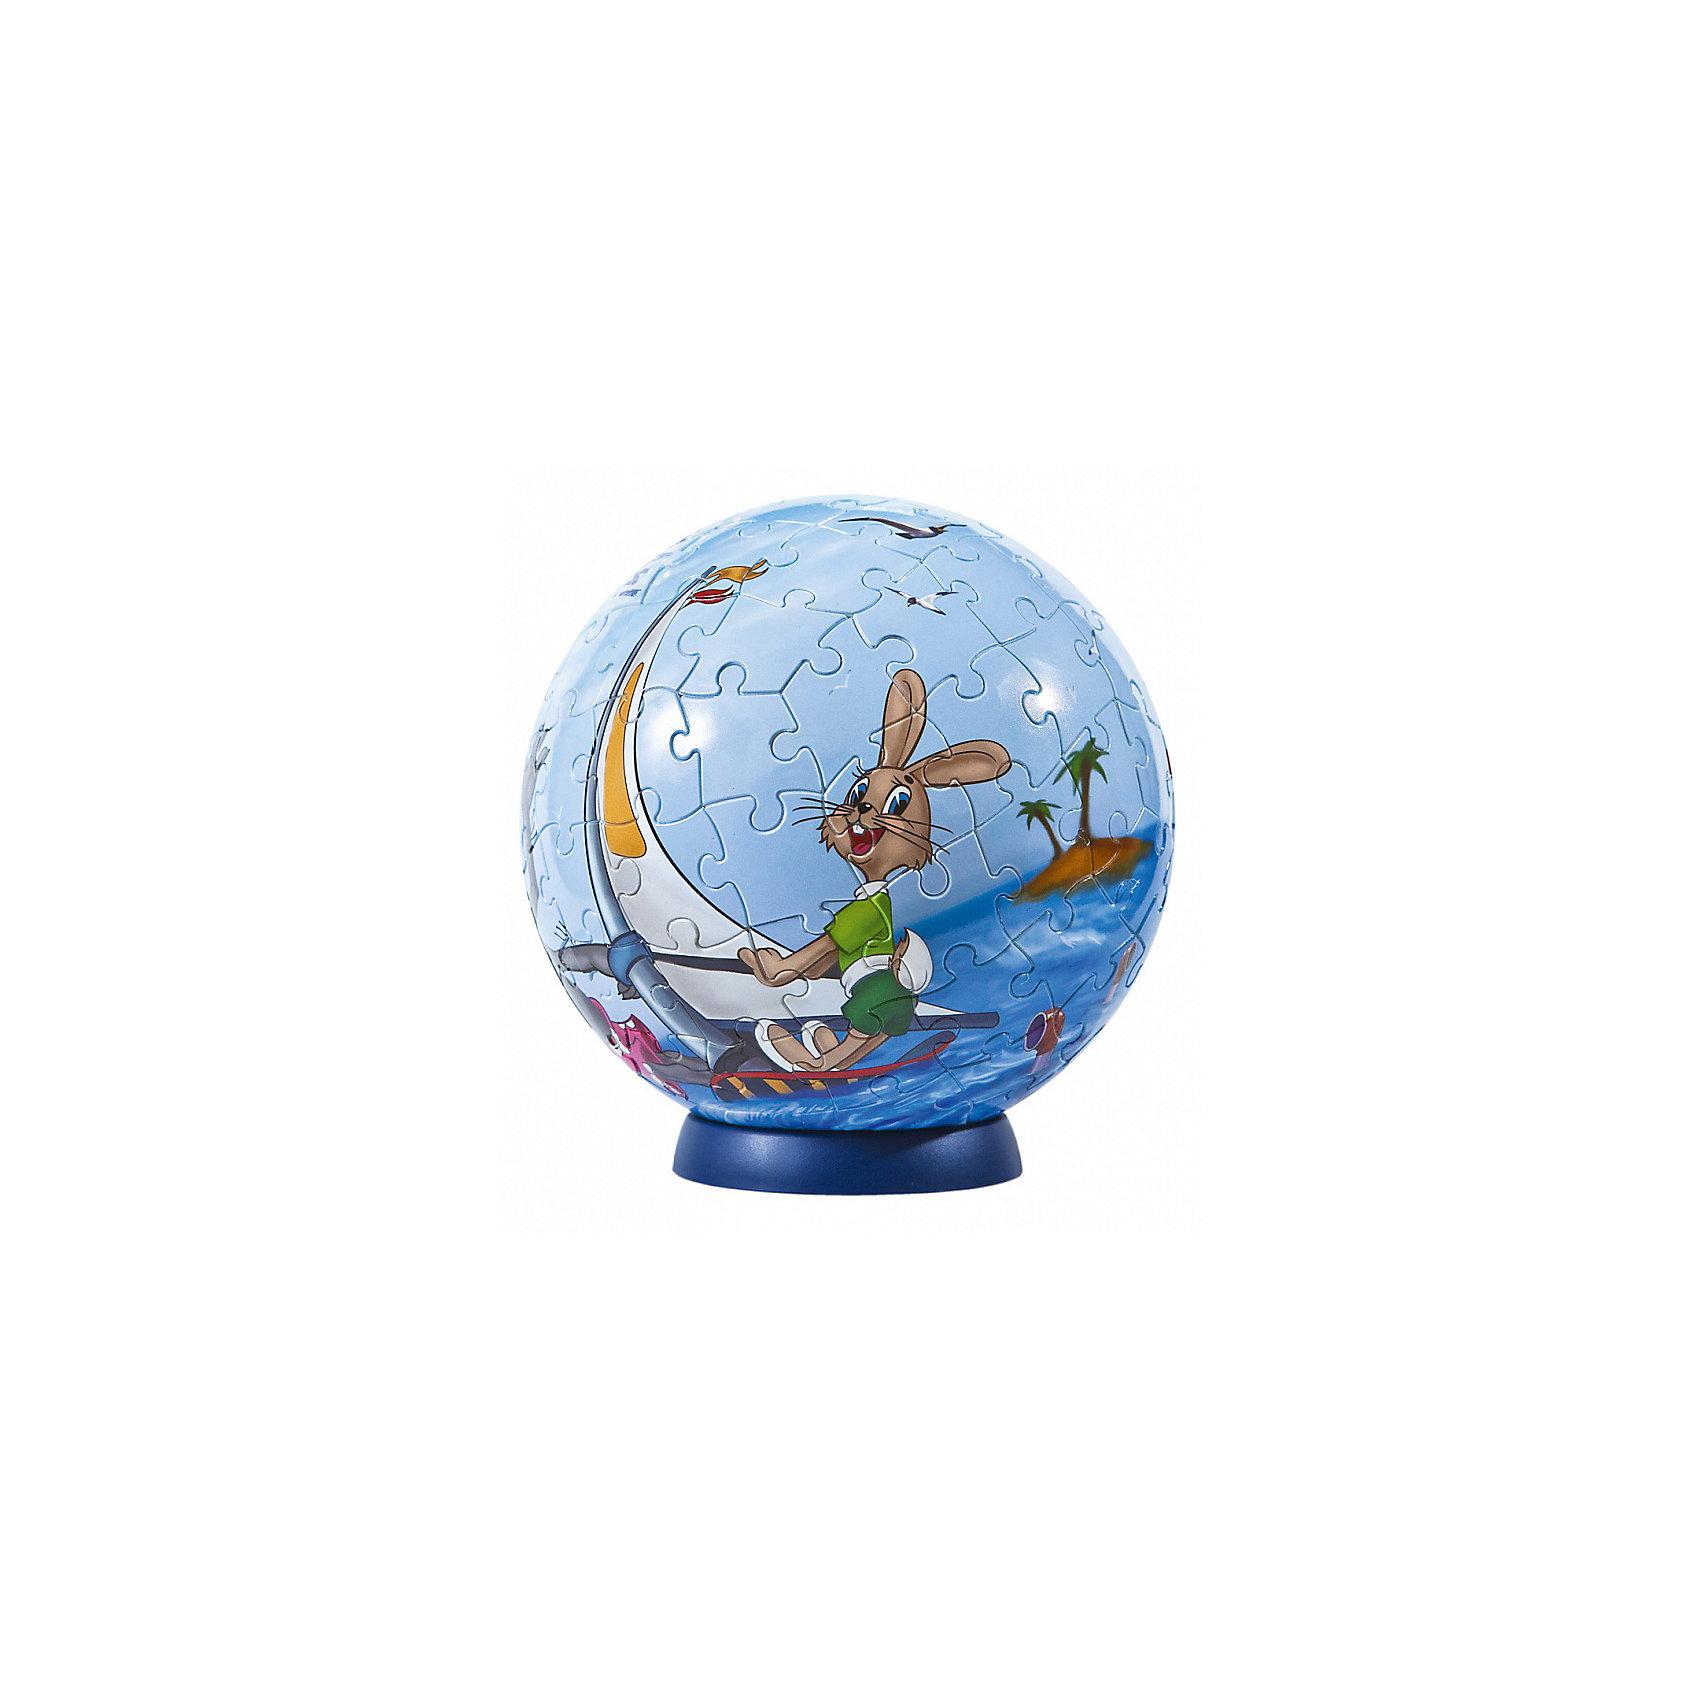 Пазл-шар Ну, погоди!, 108 деталейПазлы-шары<br>Характеристики товара:<br><br>• возраст: от 6 лет;<br>• материал: пластик;<br>• в комплекте: 108 элементов, подставка;<br>• диаметр шара: 14 см;<br>• размер упаковки: 23х21,5х5 см;<br>• вес упаковки: 330 гр.;<br>• страна производитель: Россия.<br><br>Пазл-шар «Ну, погоди!» Step Puzzle — оригинальный пазл, элементы которого имеют изогнутую форму и собираются вместе, образуя шар. Собрав его, получается объемная фигура с изображениями персонажей мультфильма про приключения волка и зайца.<br><br>В процессе сборки пазла развиваются мелкая моторика рук, усидчивость, внимательность, логическое мышление. Все детали выполнены из качественного прочного пластика и надежно скрепляются между собой.<br><br>Пазл-шар «Ну, погоди!» Step Puzzle можно приобрести в нашем интернет-магазине.<br><br>Ширина мм: 230<br>Глубина мм: 215<br>Высота мм: 50<br>Вес г: 330<br>Возраст от месяцев: 72<br>Возраст до месяцев: 2147483647<br>Пол: Унисекс<br>Возраст: Детский<br>Количество деталей: 108<br>SKU: 5346219